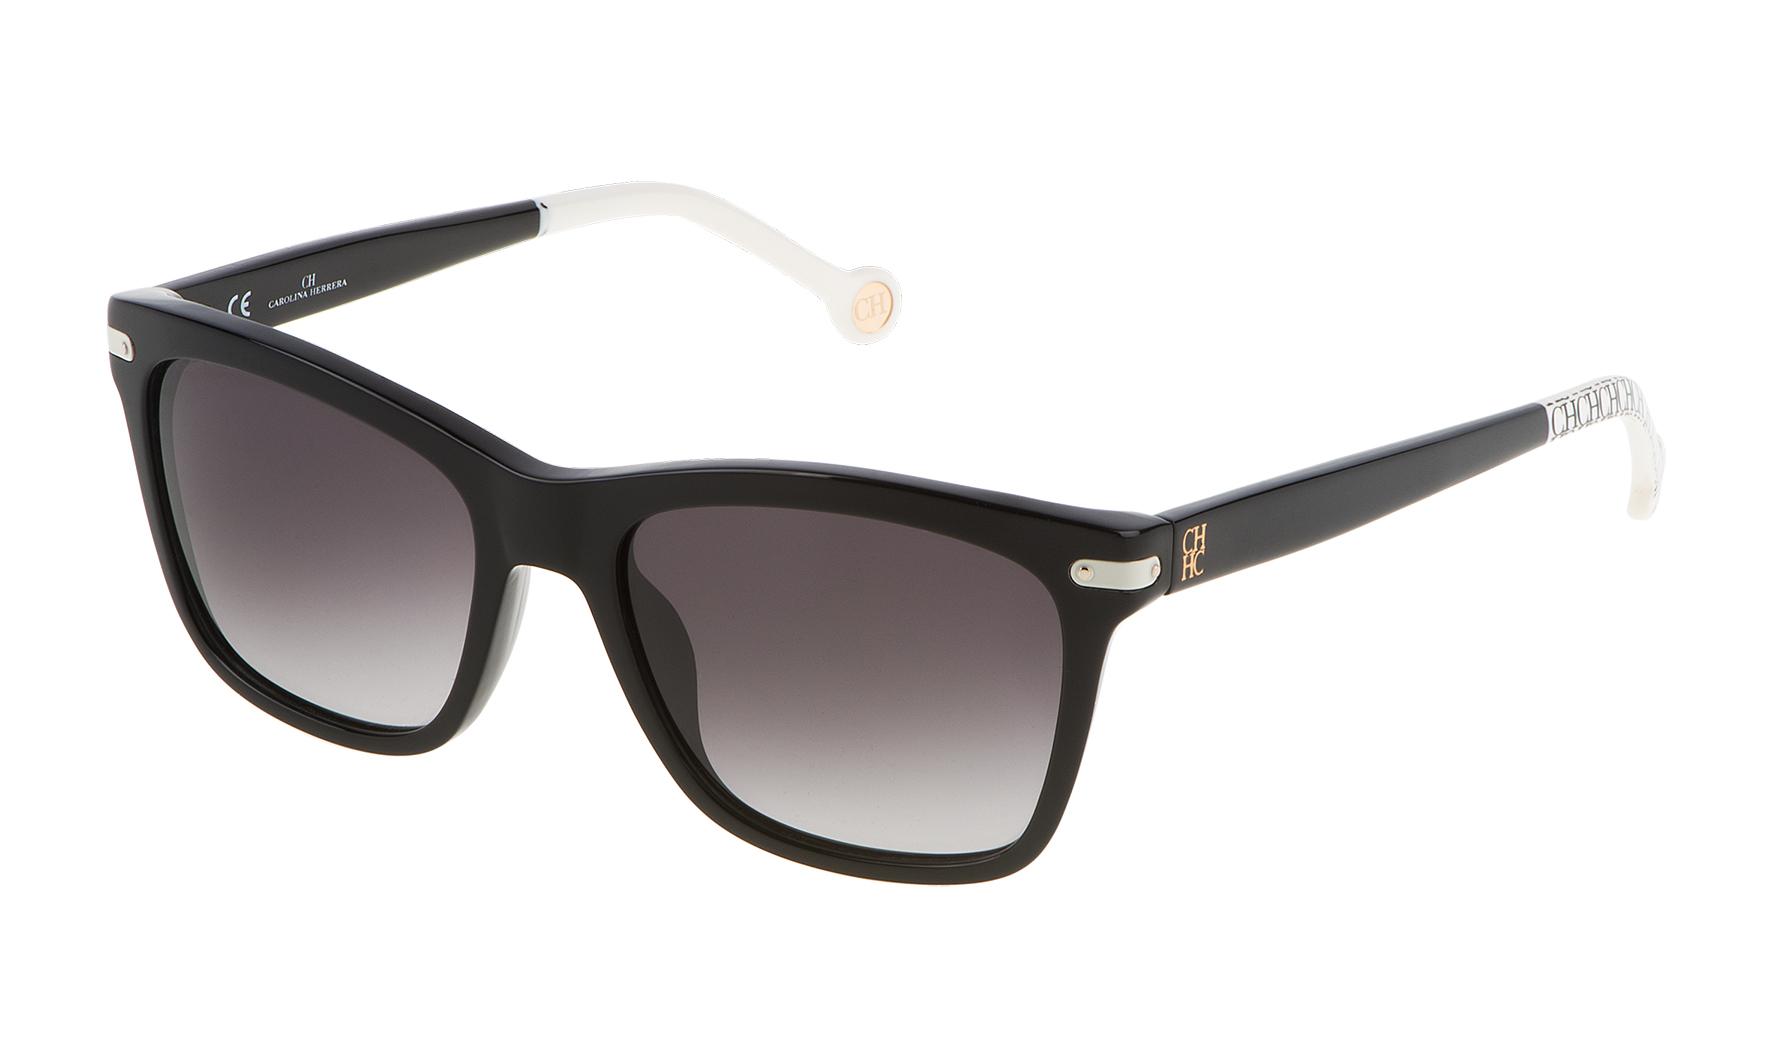 e9d5688136 gafas de sol para hombre carolina herrera